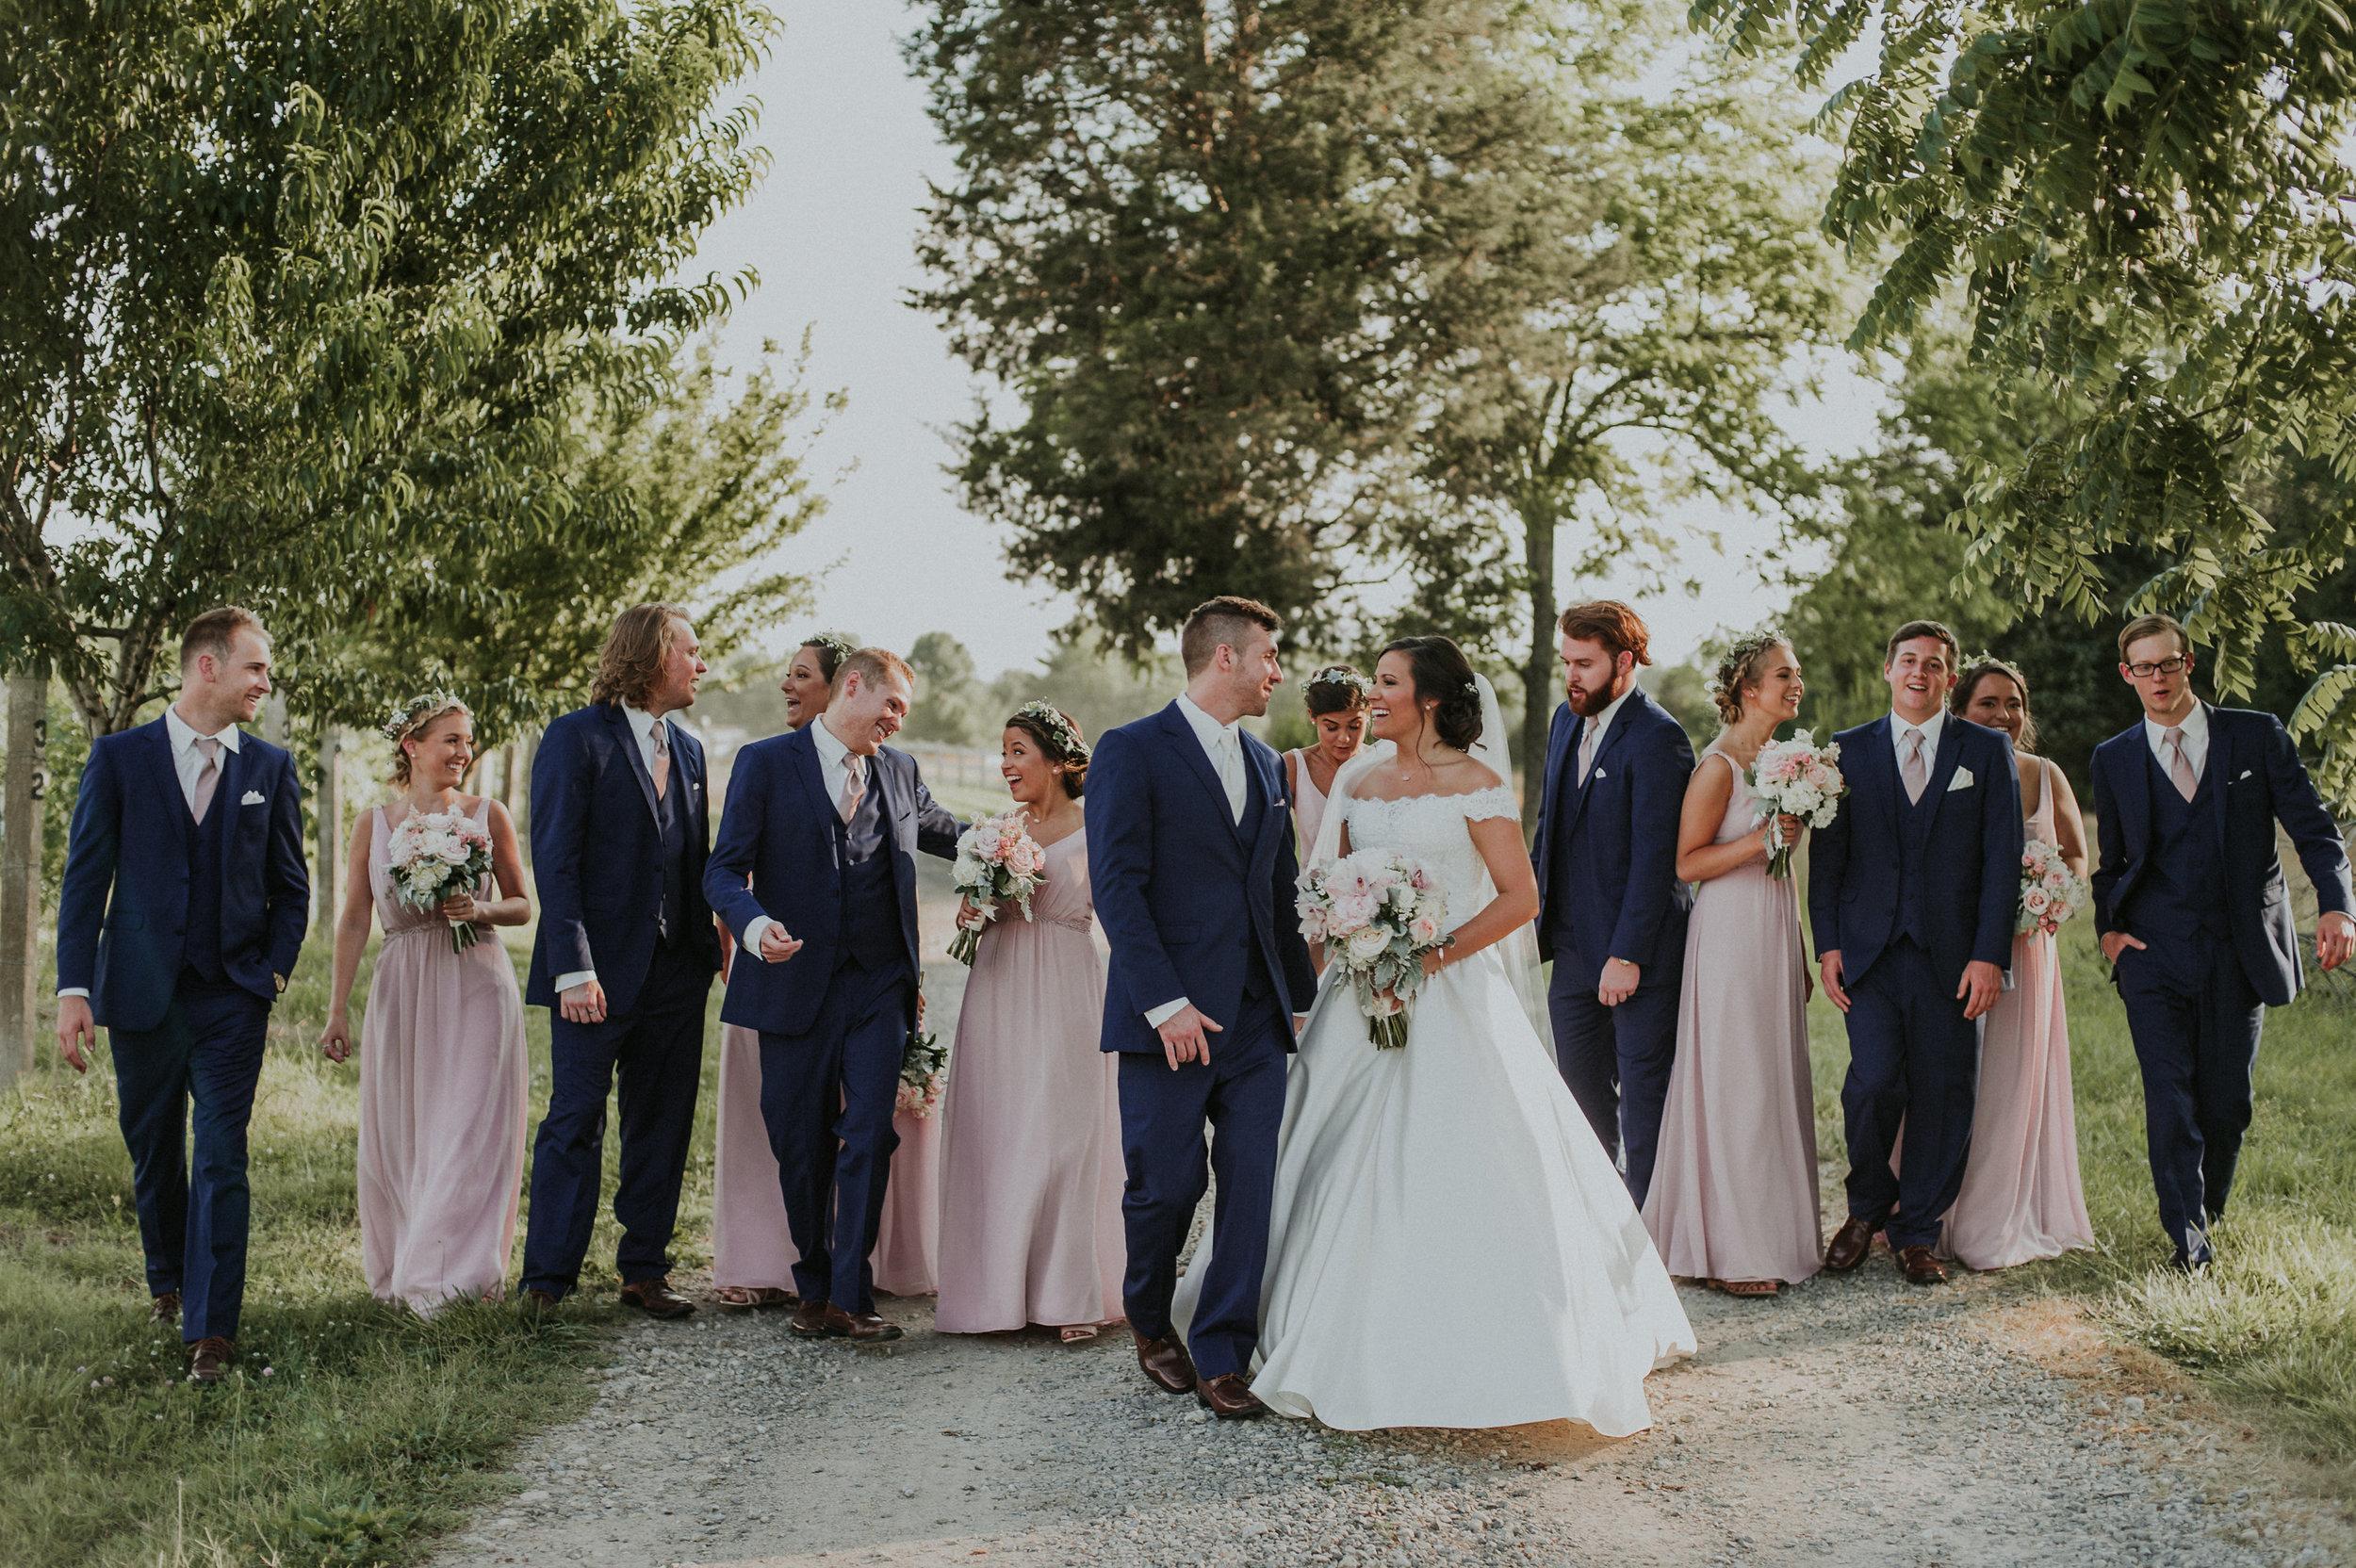 morais-wedding-virginia-wedding-planner-virginia-wedding-coordinator-leah-adkins-photography-bridal-party